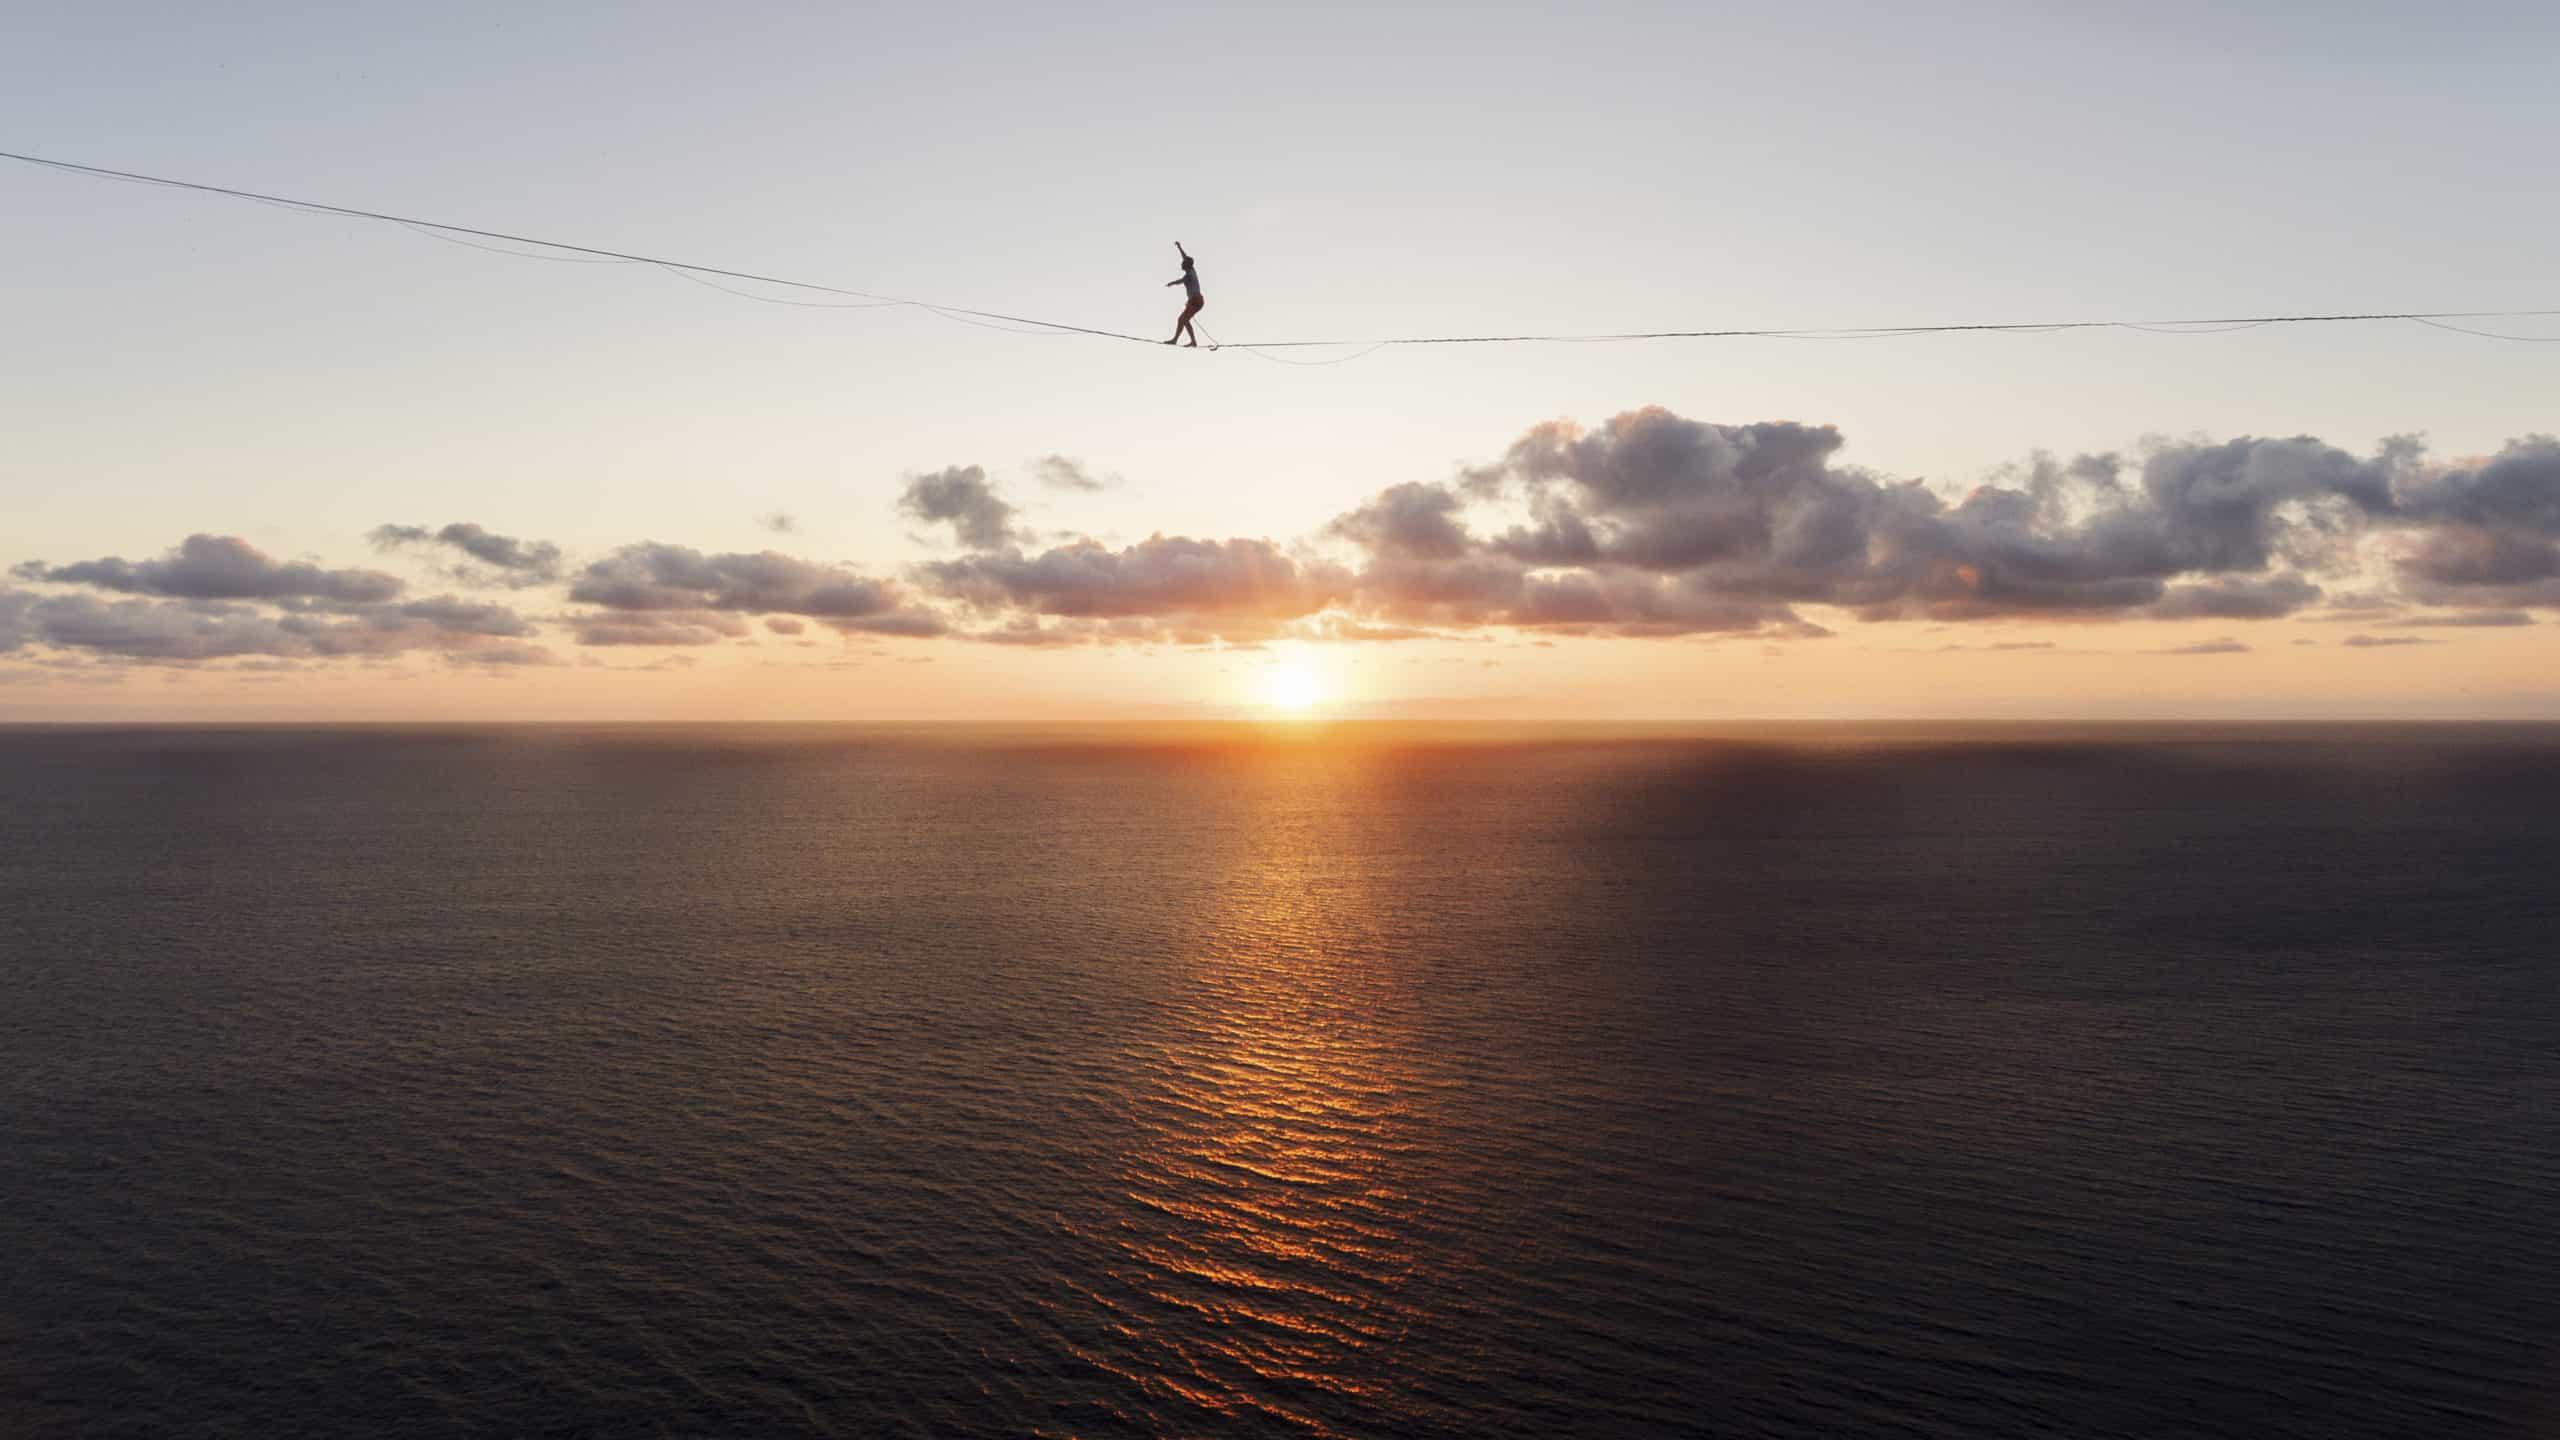 onetotwo Projekt Connecting Islands - Moritz Hamberger läuft auf der 490m langen Highline vor dem Sonnenuntergang